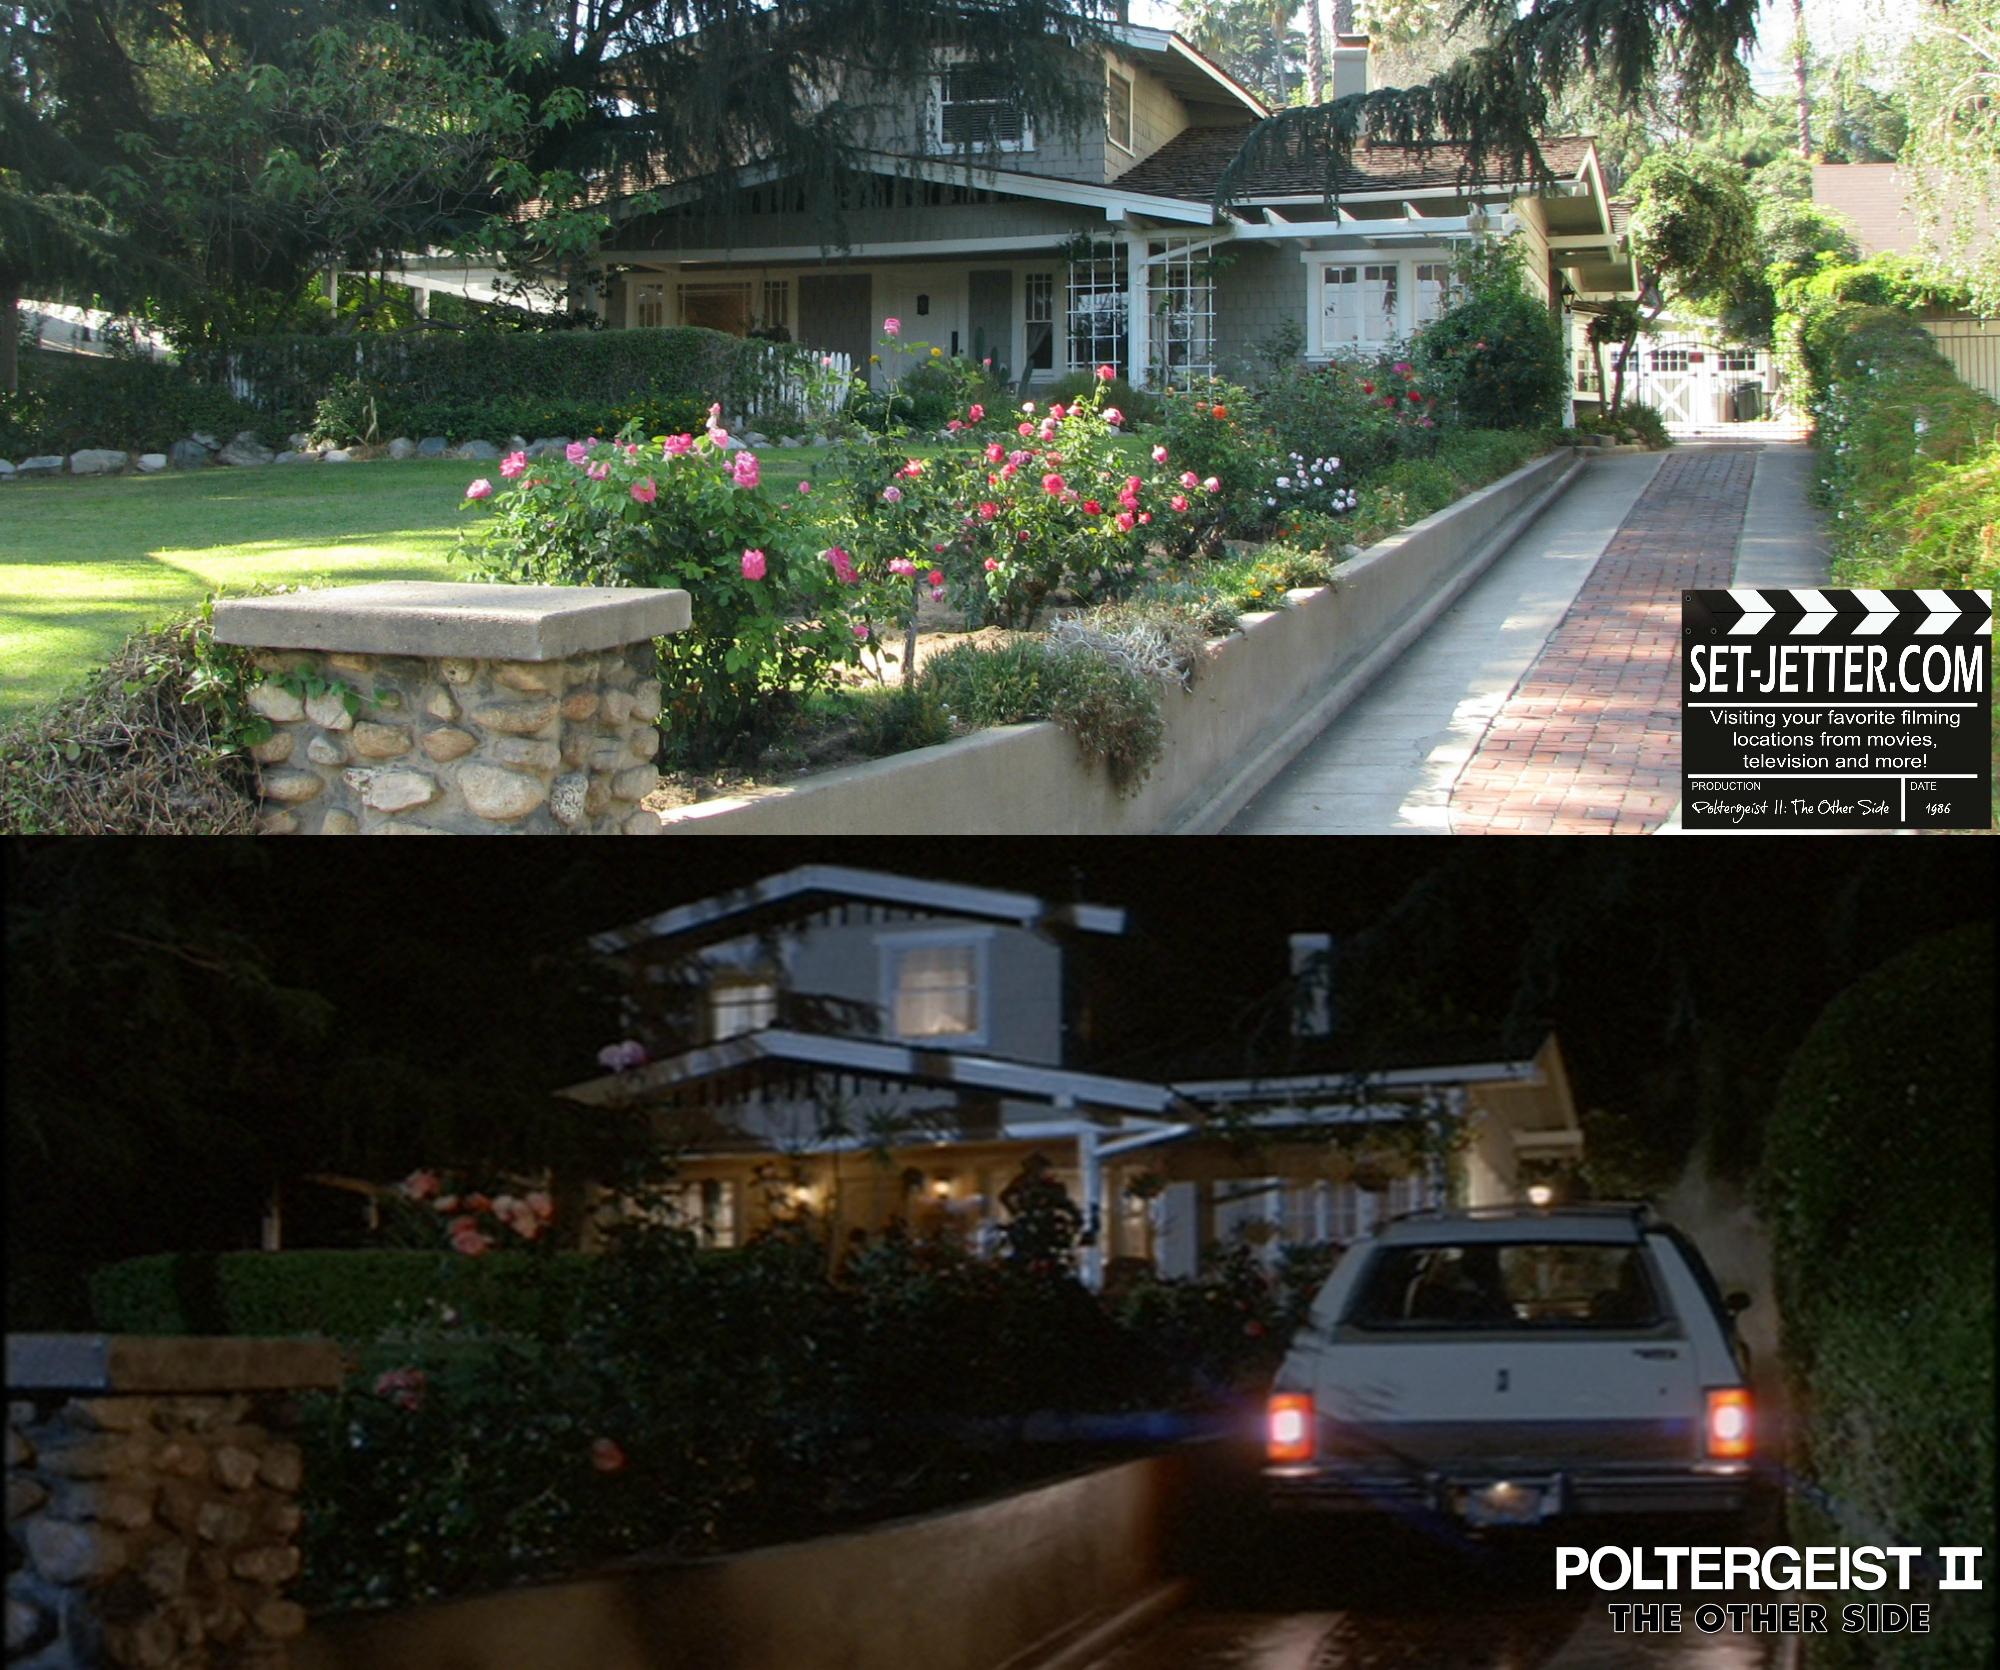 Poltergeist II comparison 29.jpg